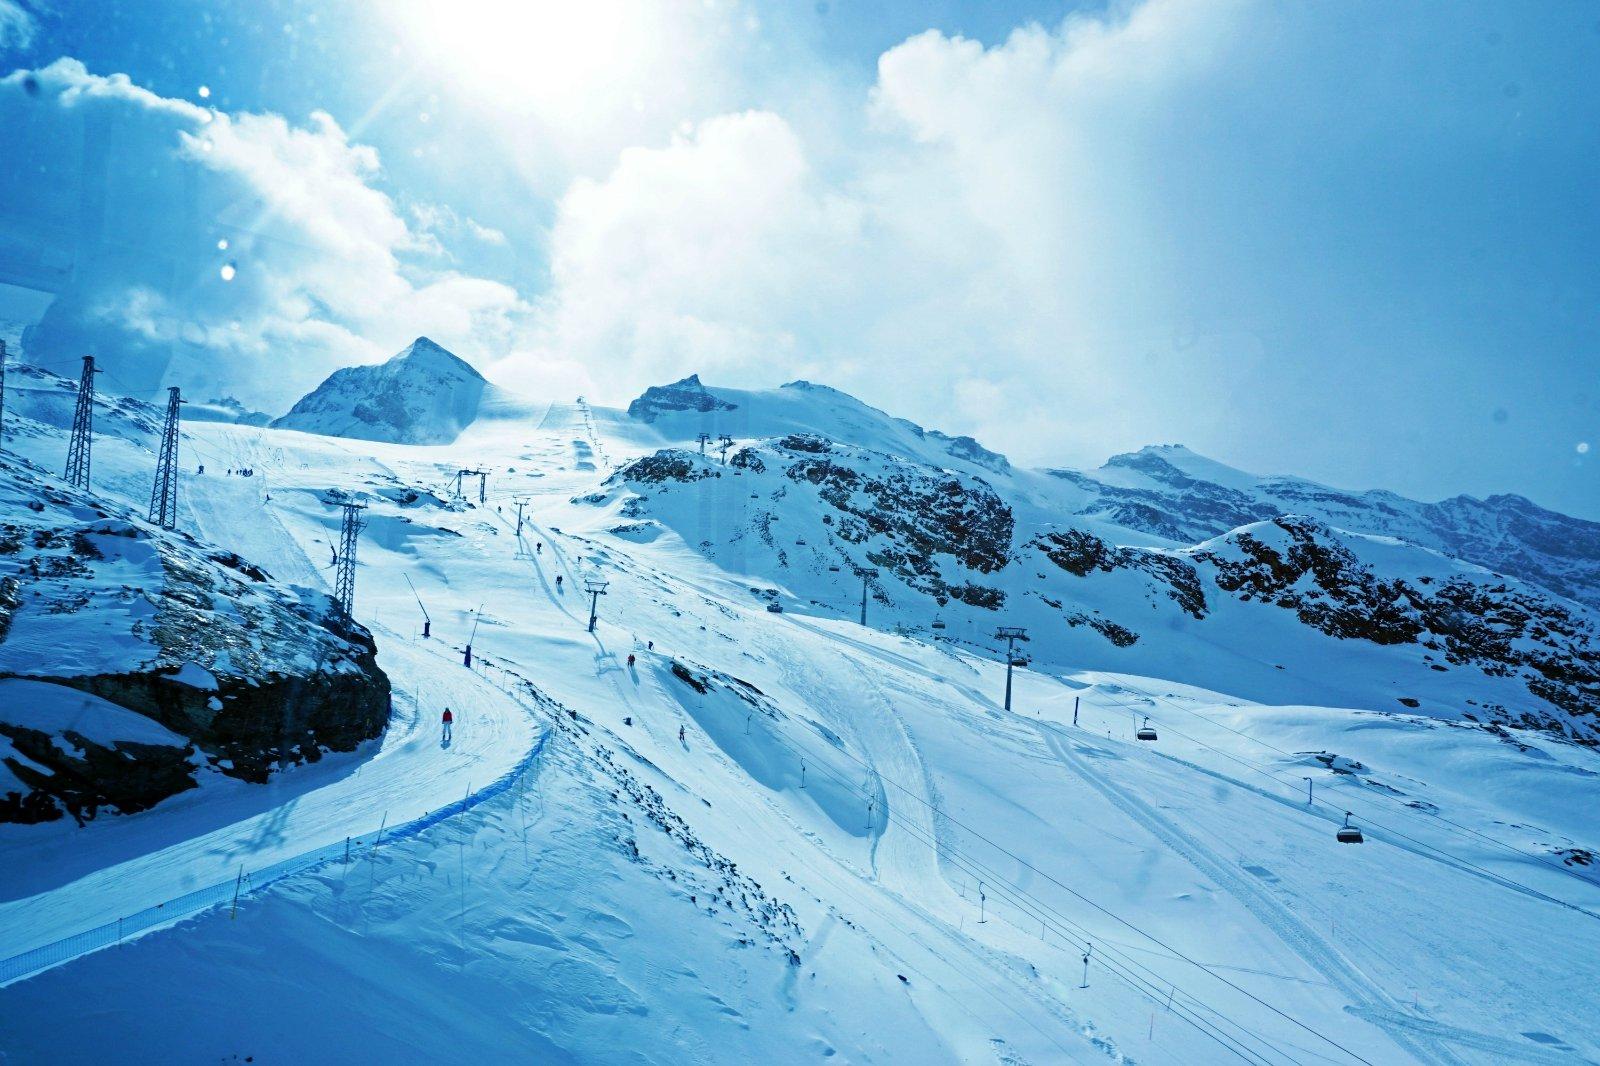 石话 瑞士——阿尔卑斯下的千湖之国